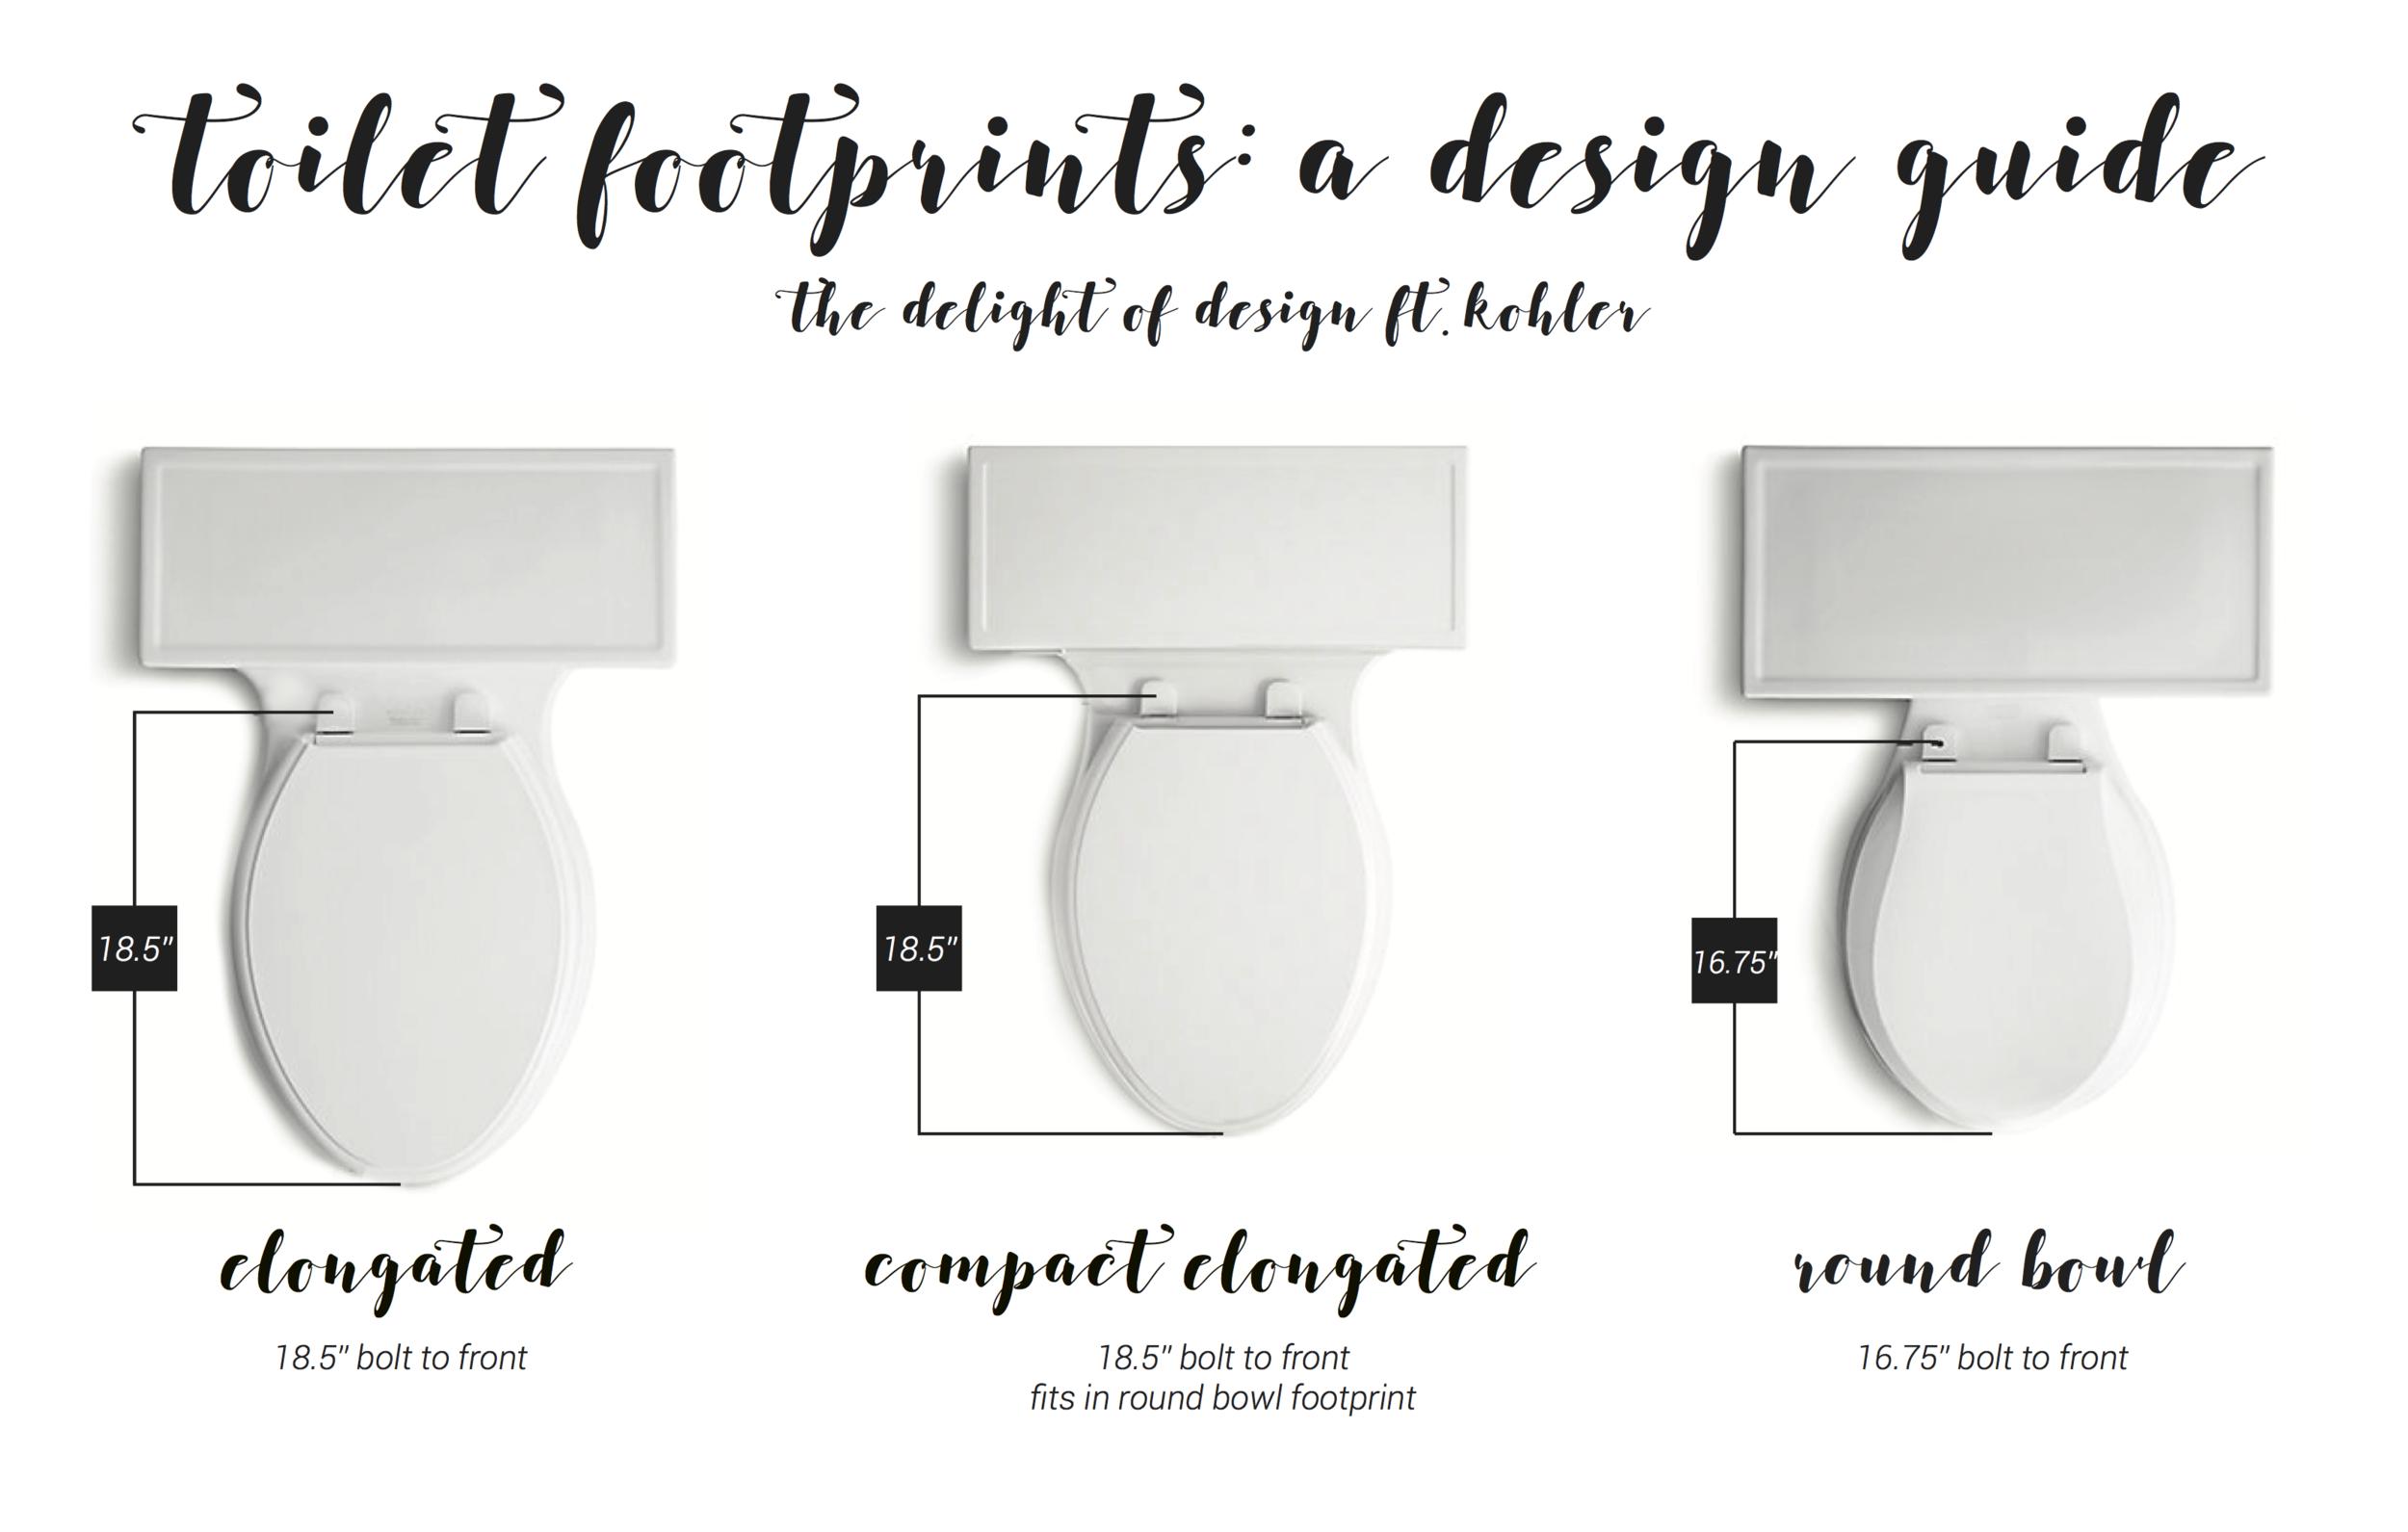 toiletfootprints.png